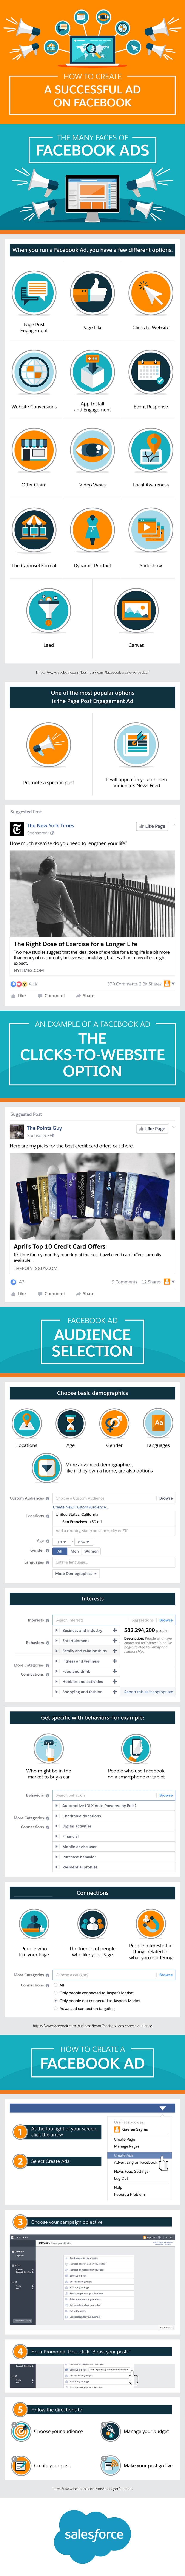 Cómo crear un anuncio de éxito en Facebook